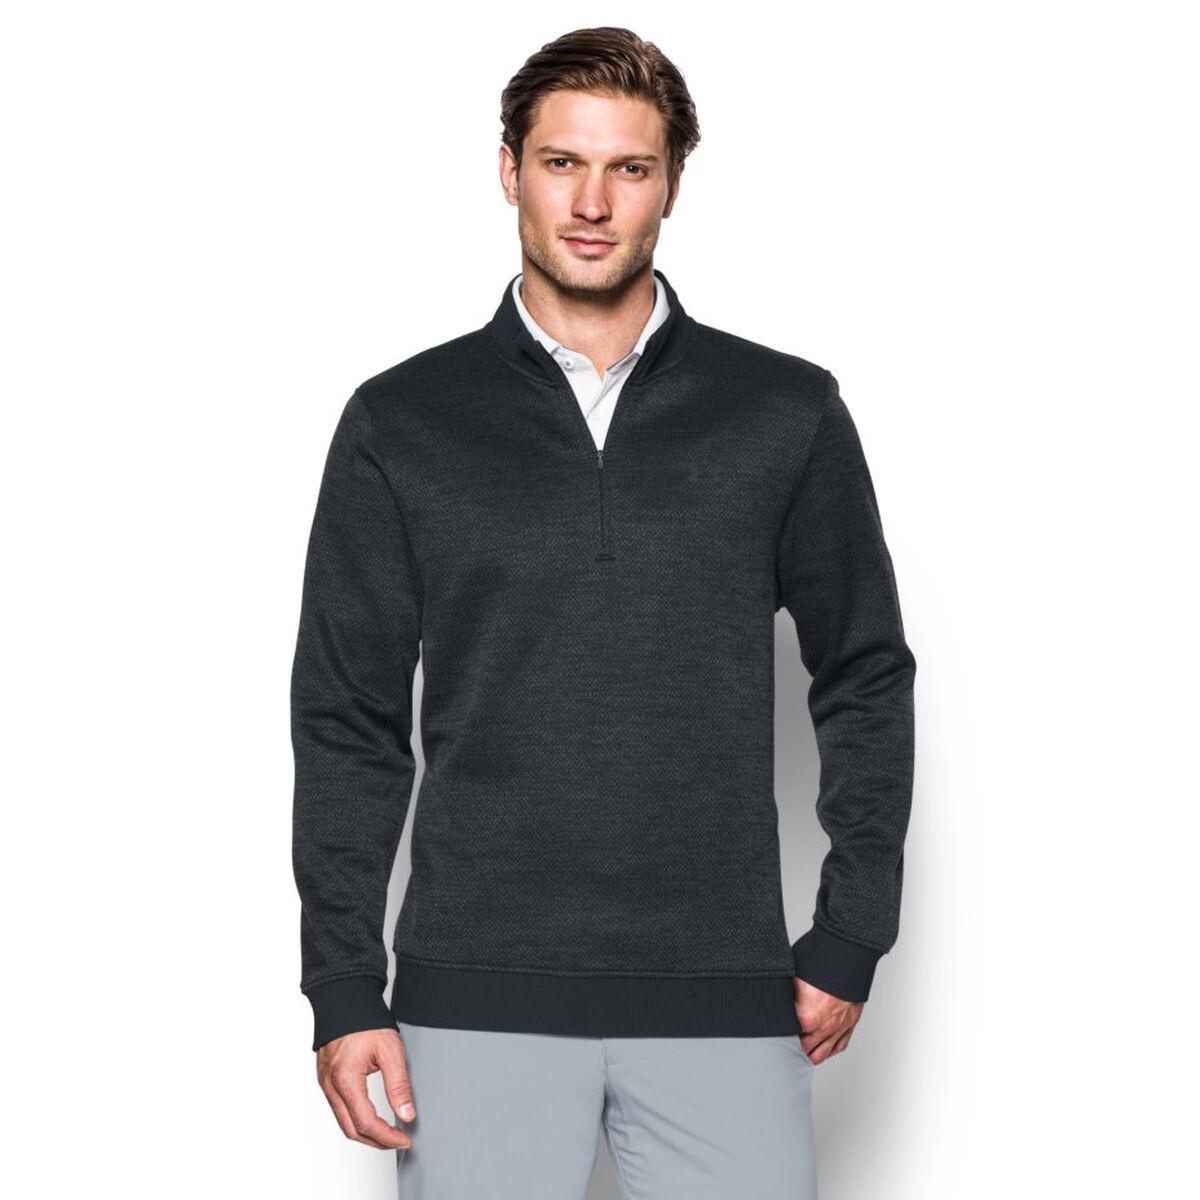 5160bf10c59c Under Armour Storm SweaterFleece Herringbone 1/4 Zip